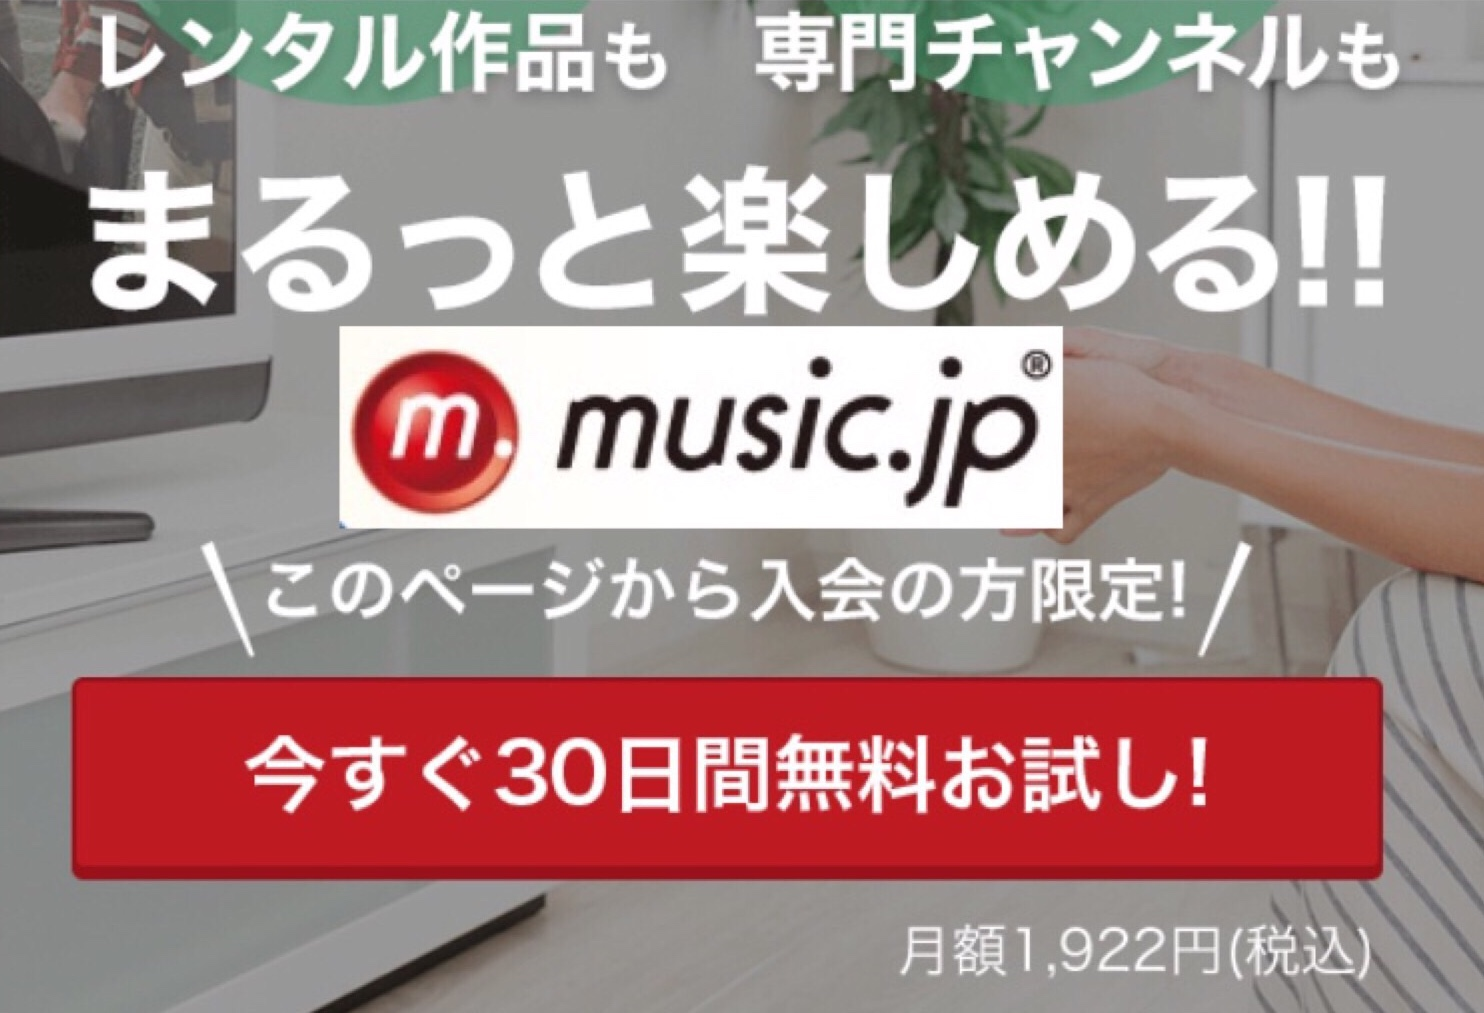 music.jp30日無料の登録方法!お試しのメリットや注意点は?